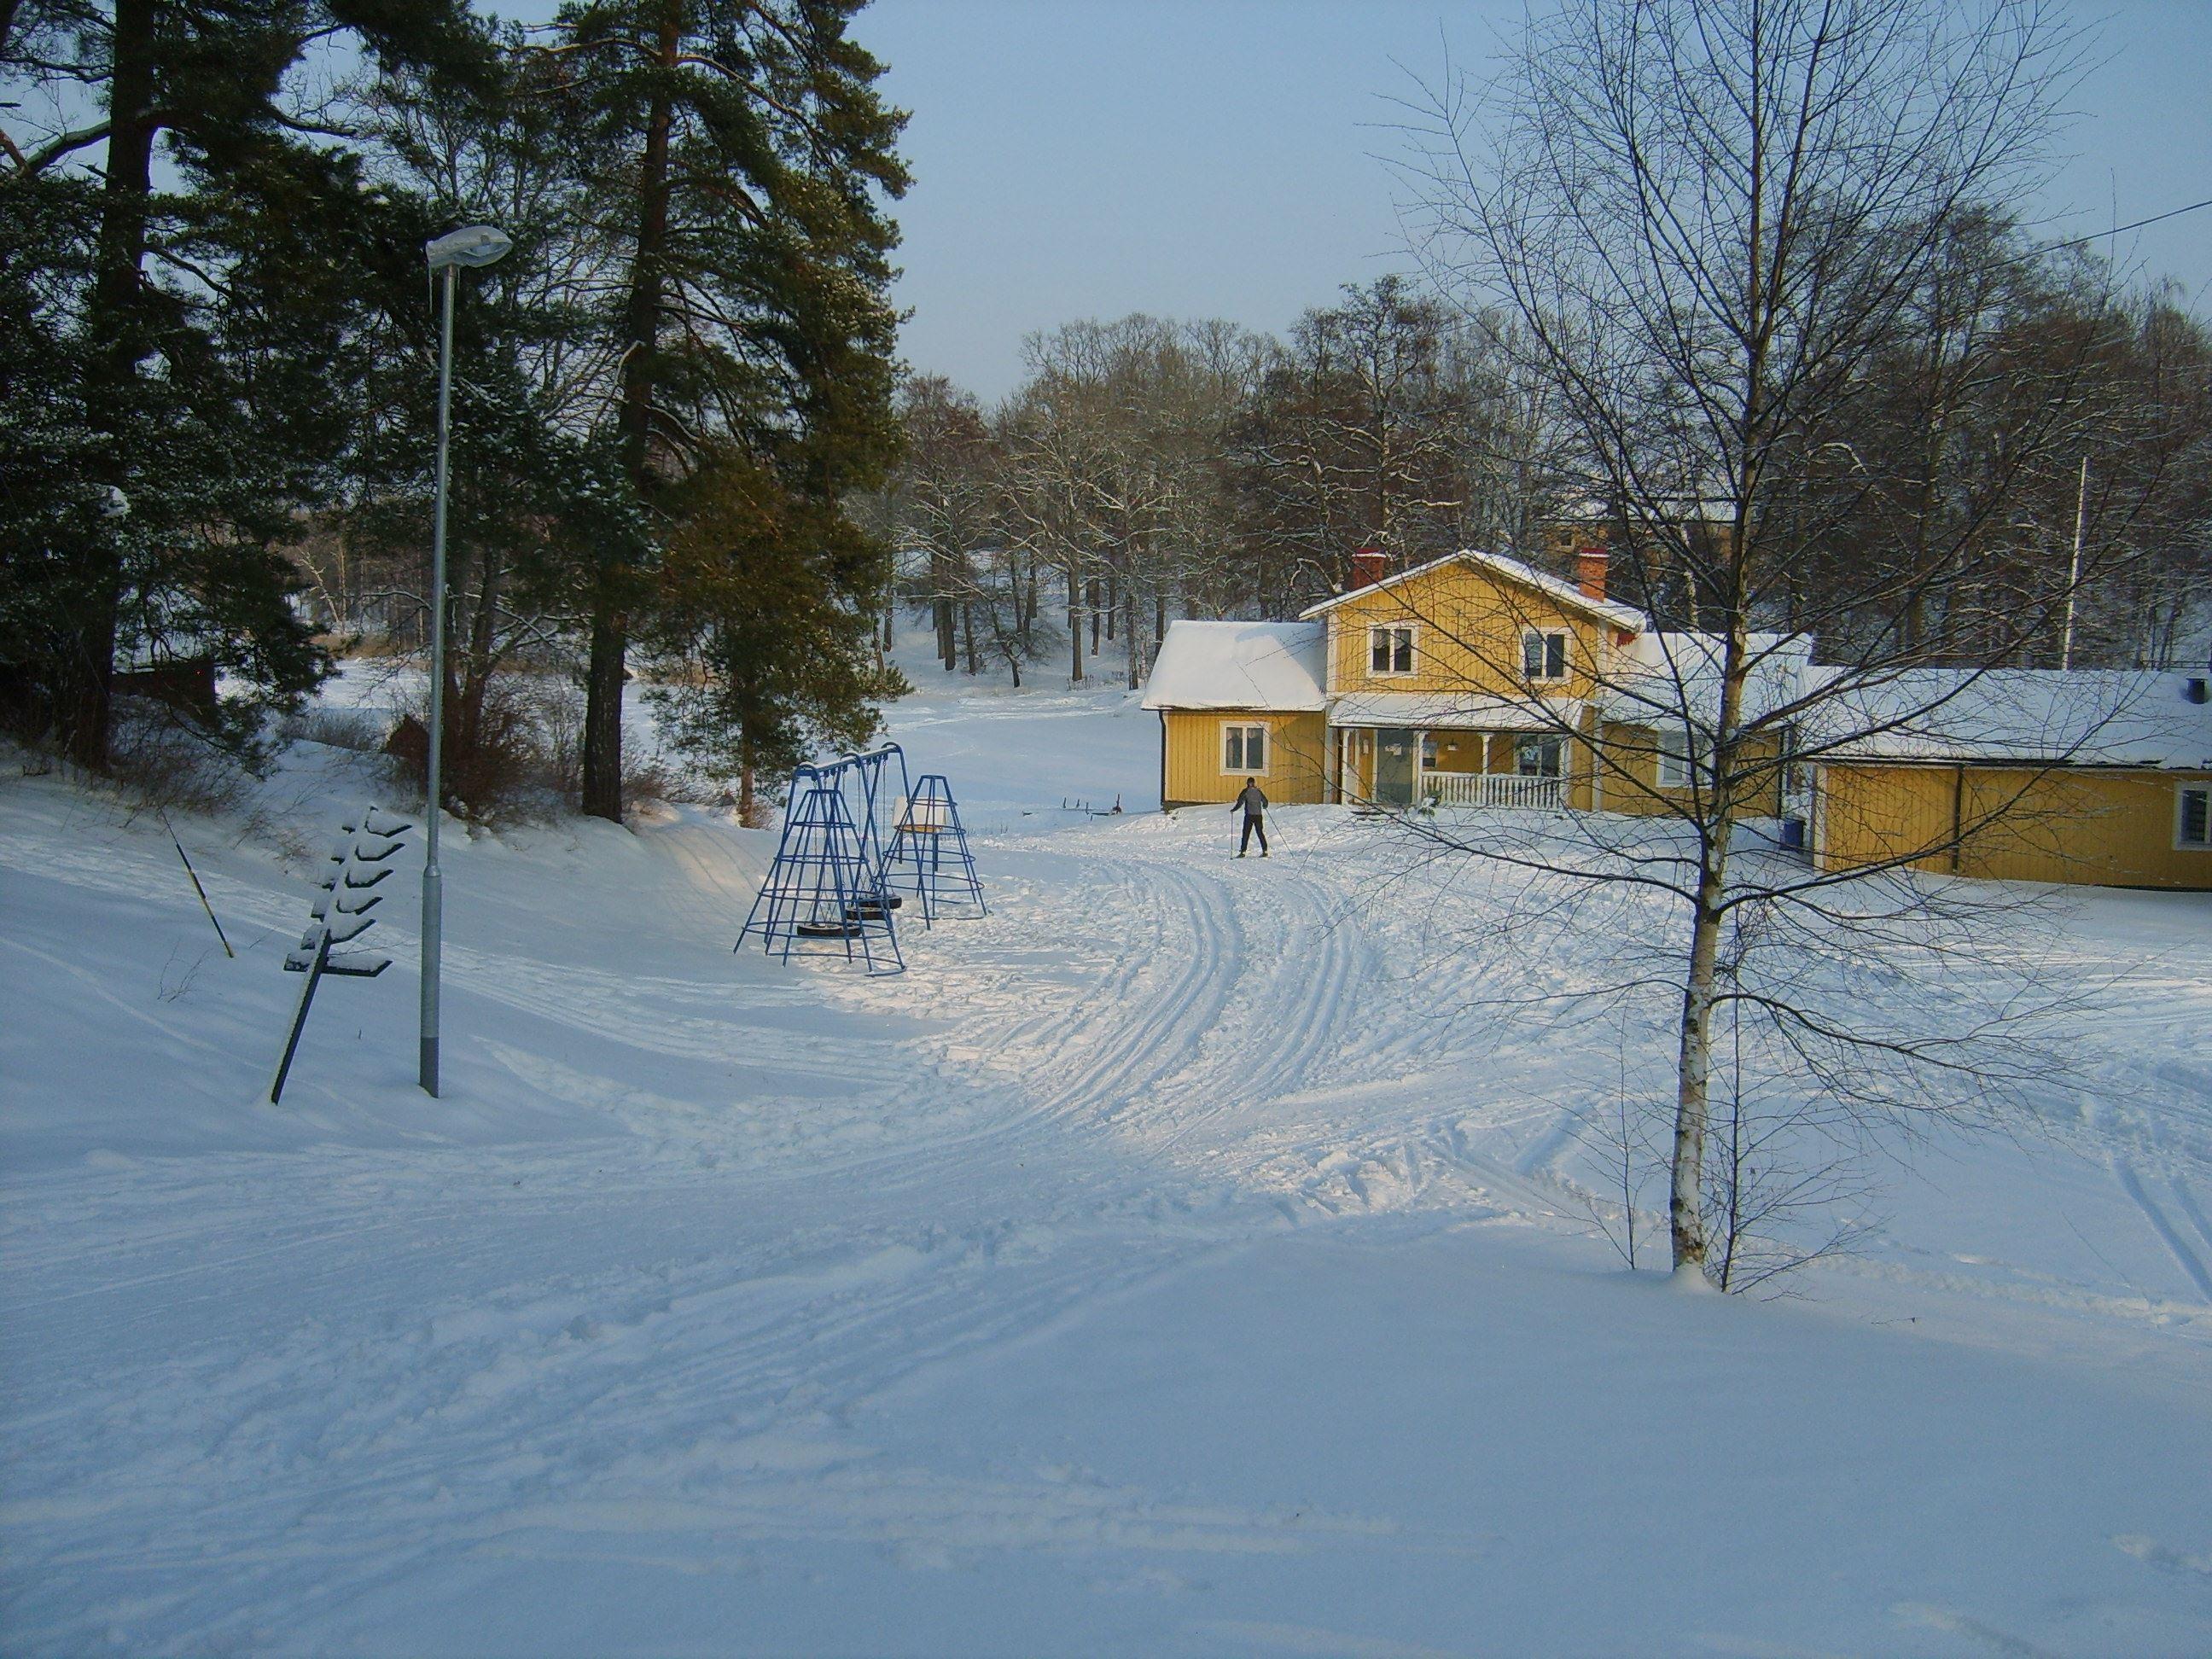 Helgservering i Tveta Friluftsgård